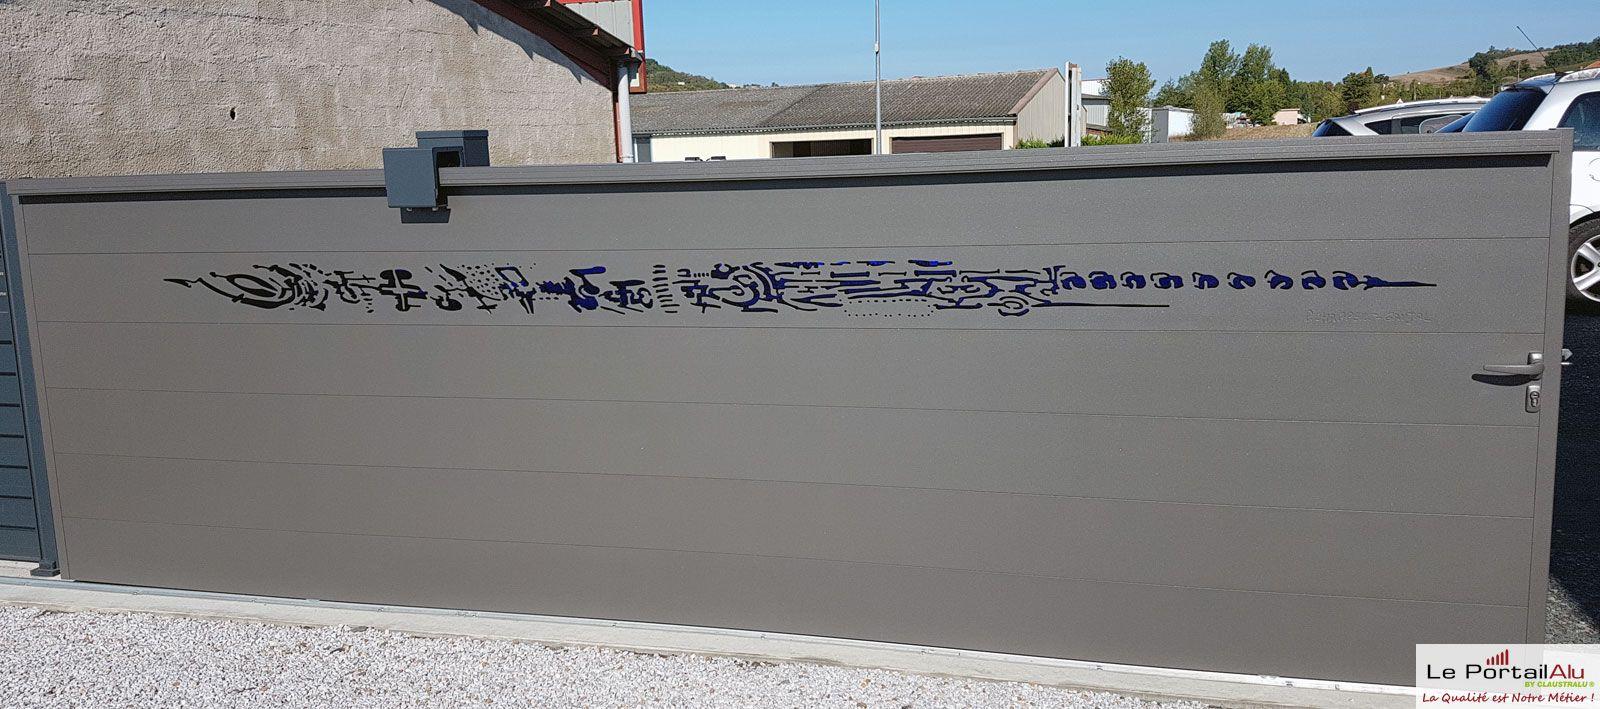 Portail en aluminium design de plus de 4m. Signé, numéroté et certifié par P 93572bb92b8c